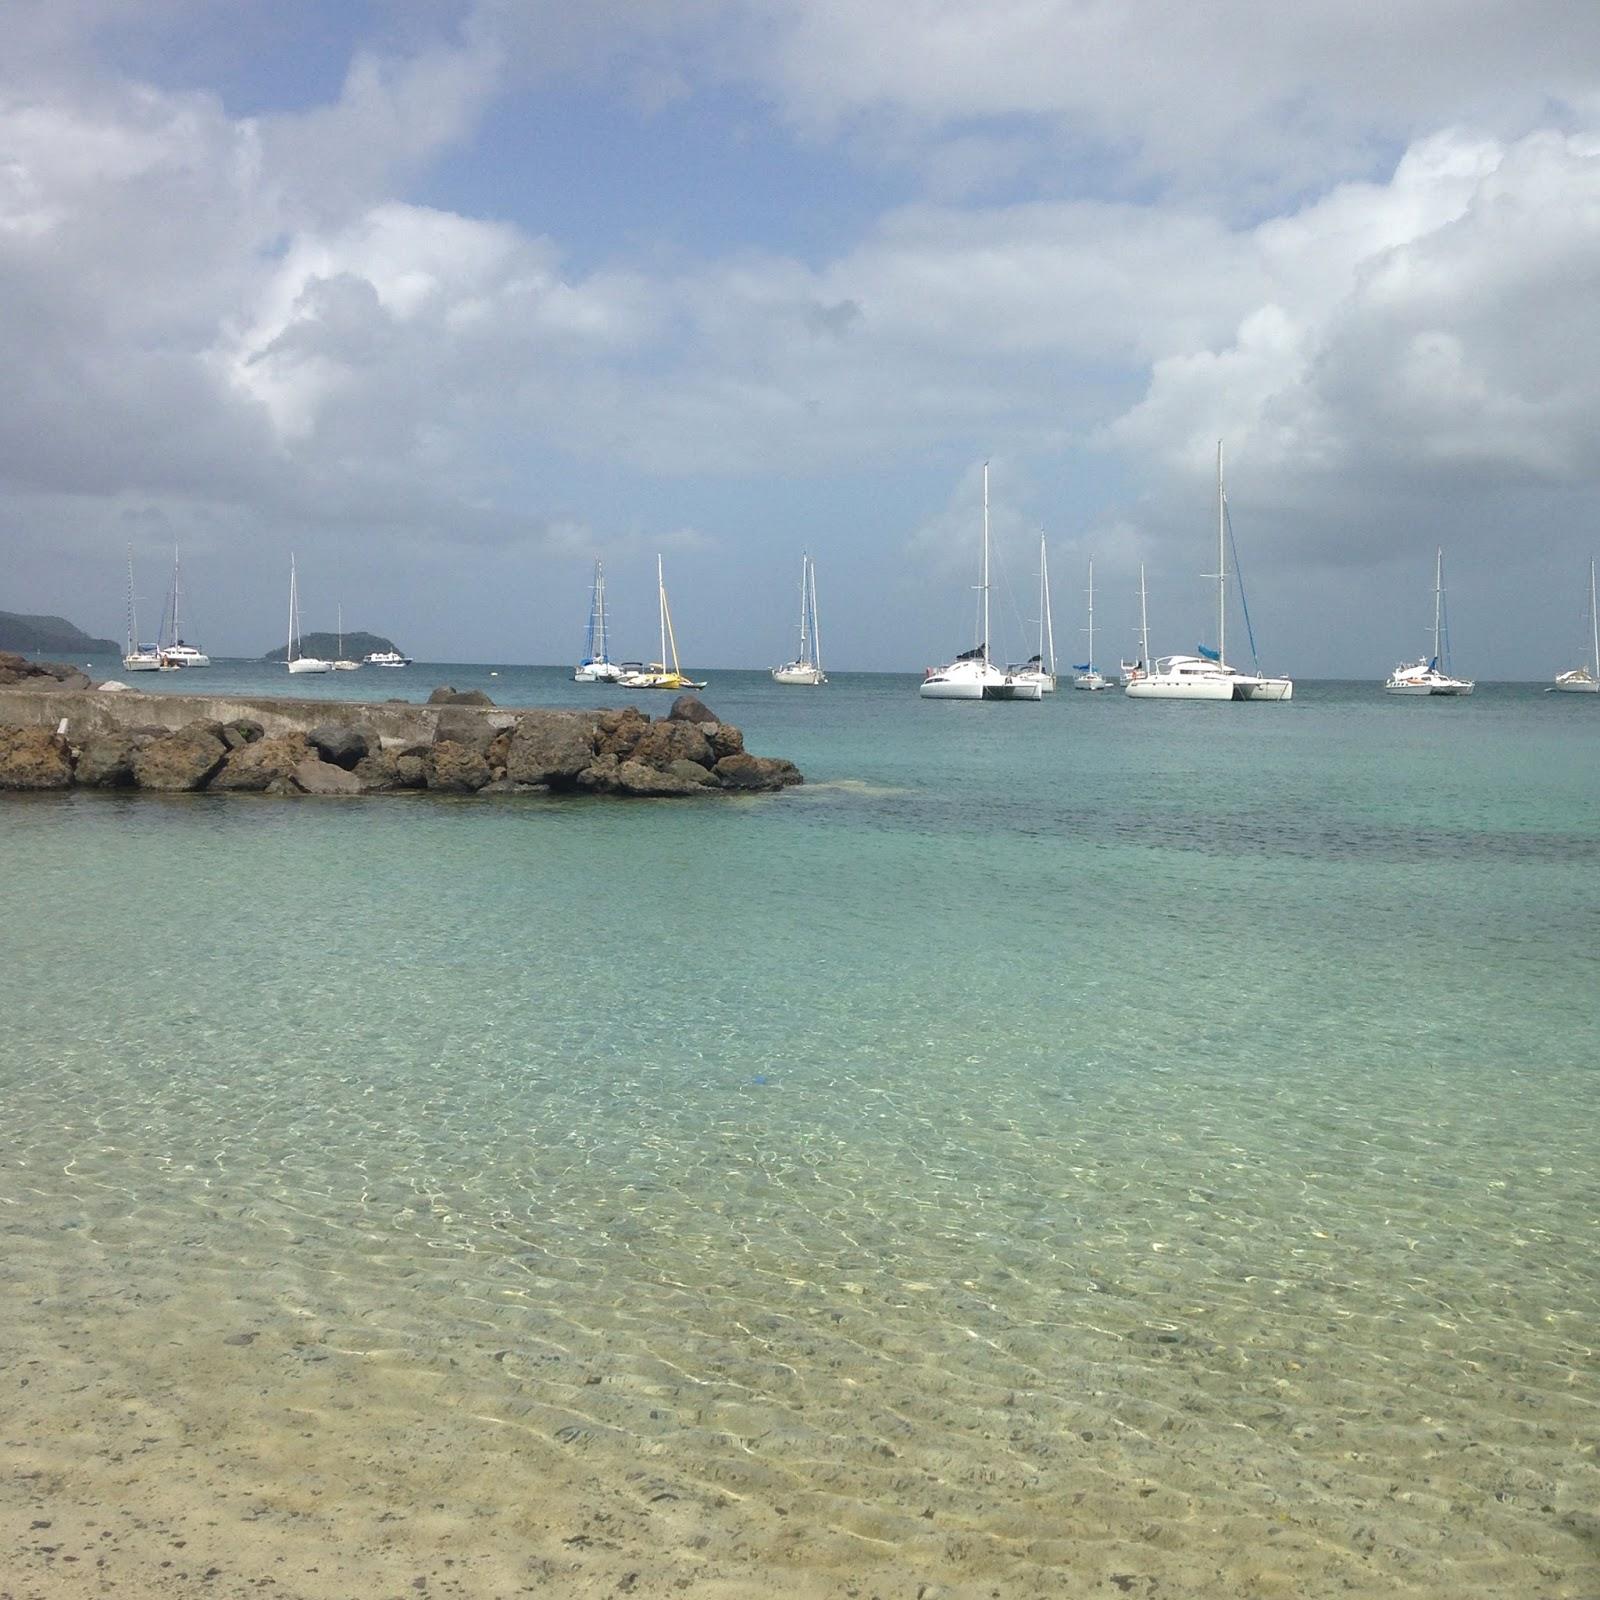 voyage martinique 972 île caraibes vacances holidays que faire semaine mer plage 3 îlets village créole hotel bakoua